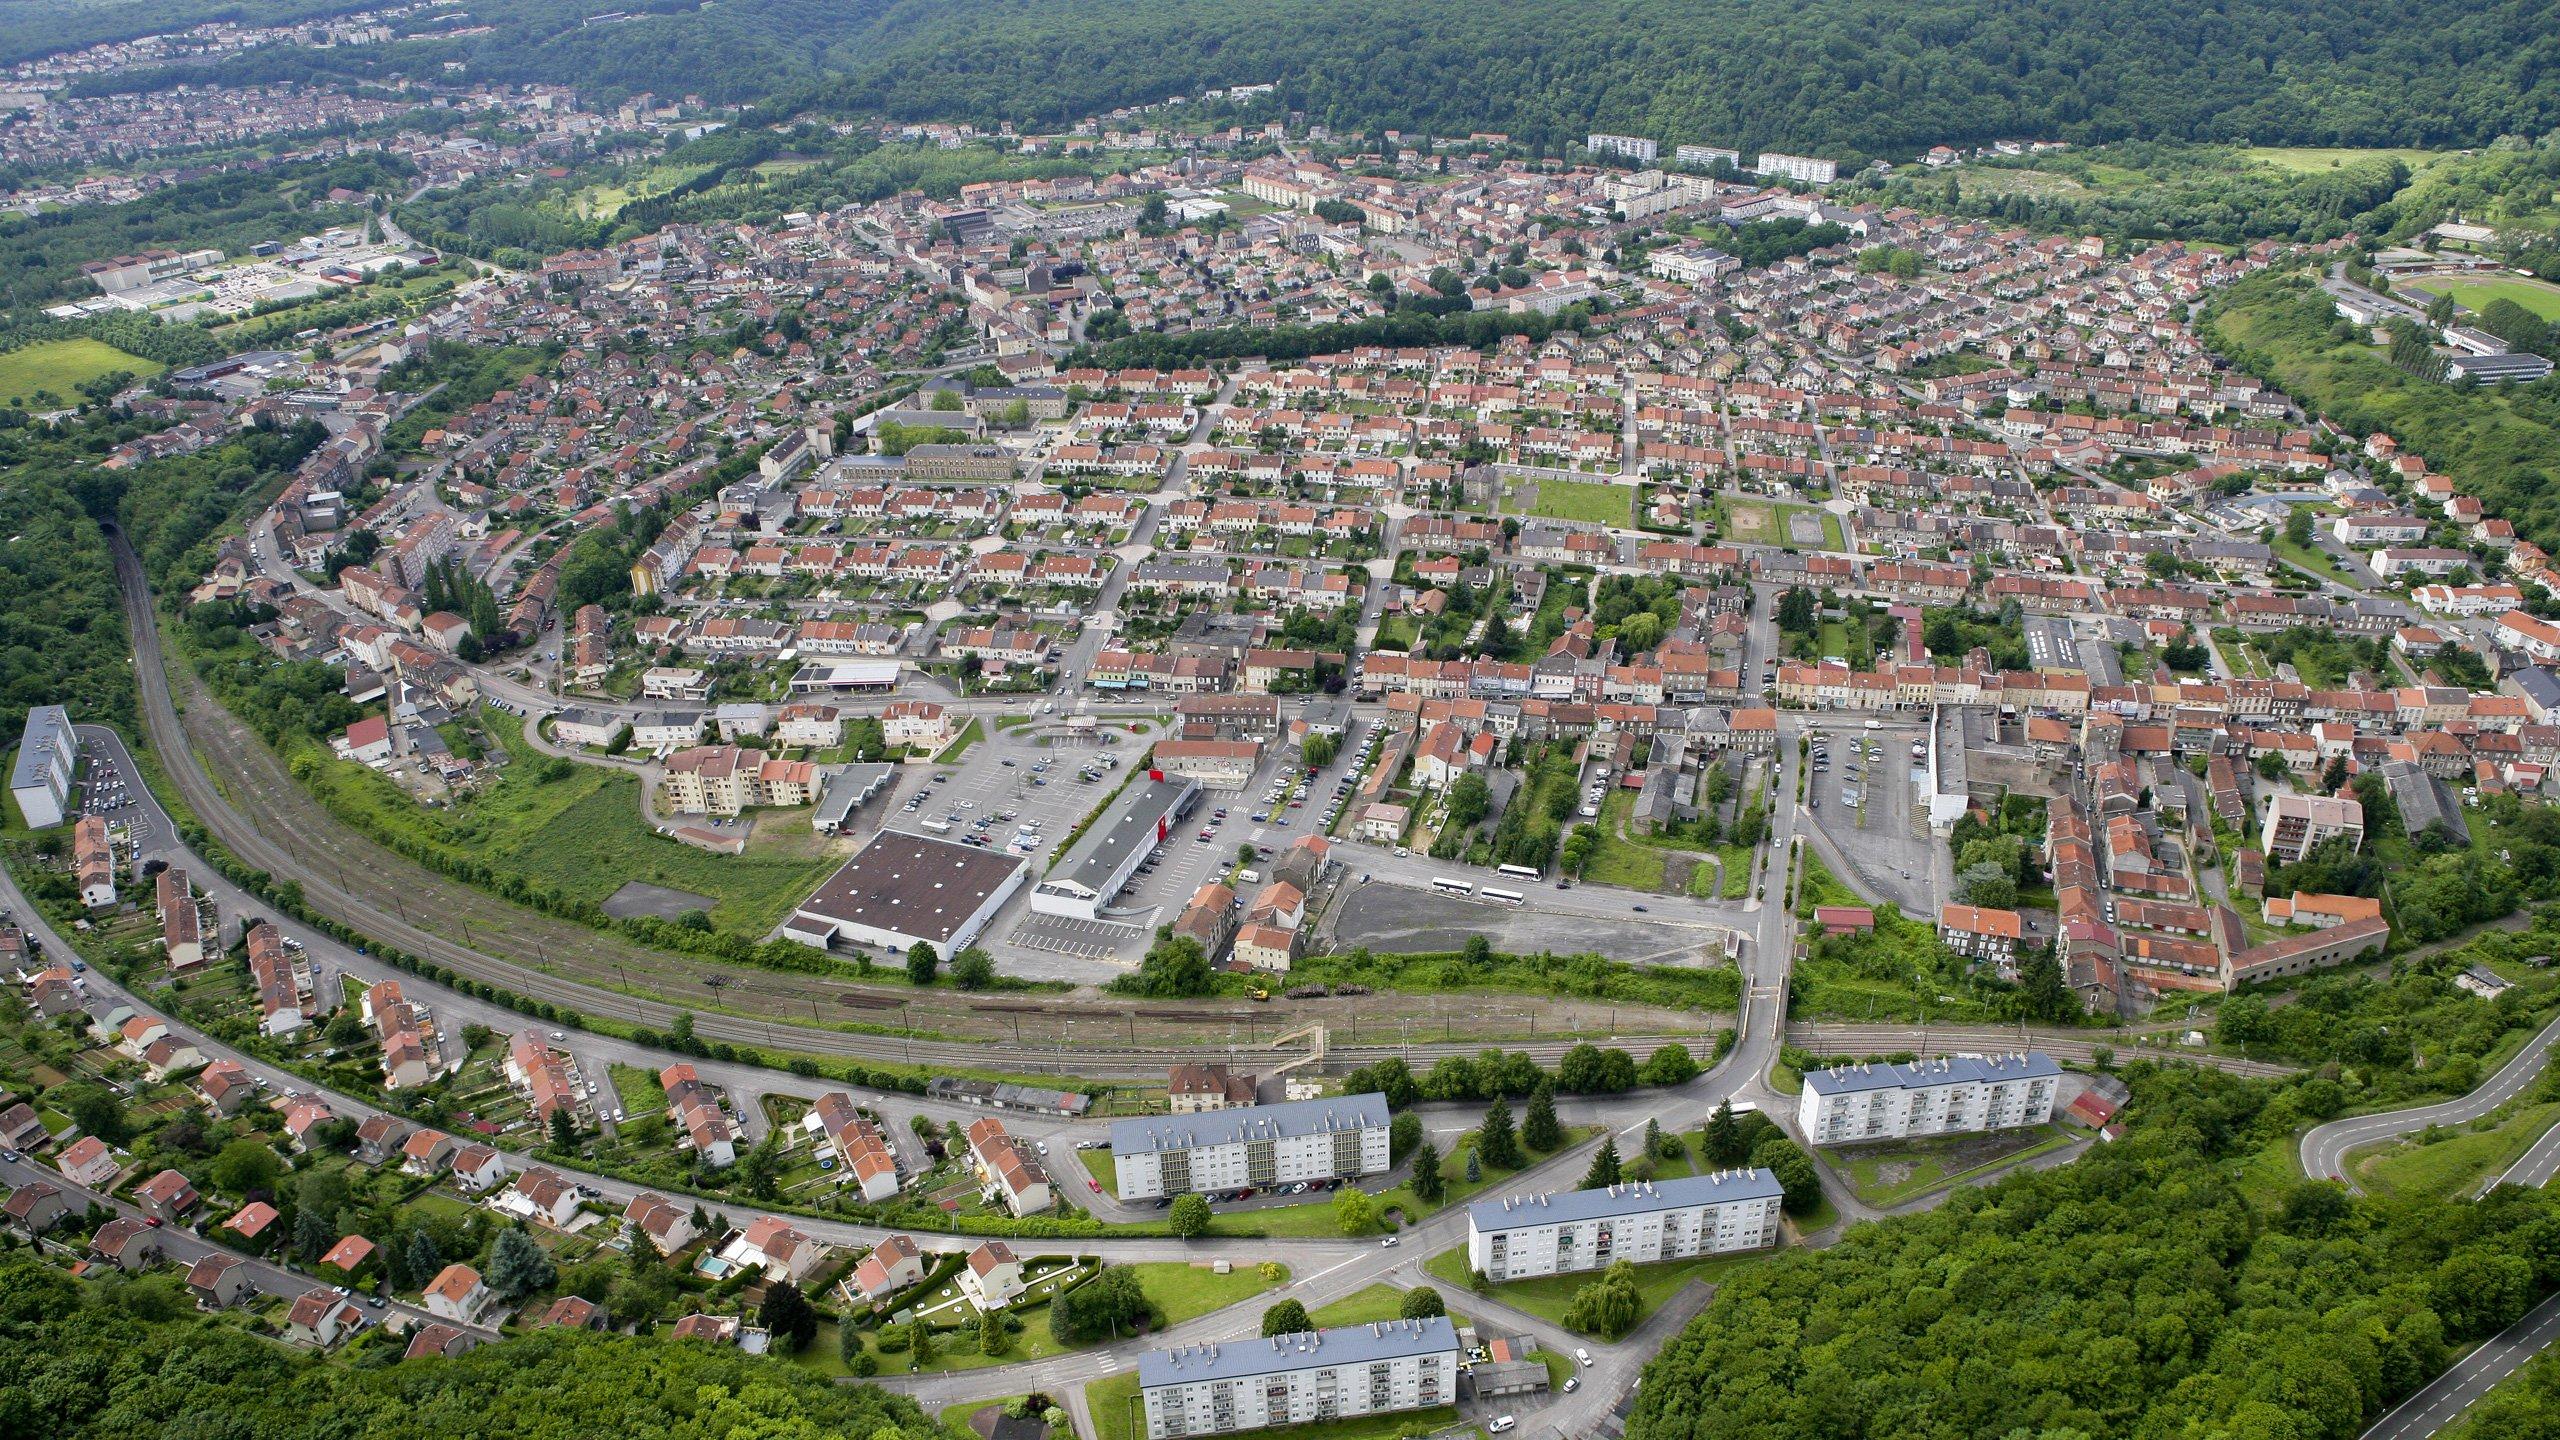 Vue aérienne de la ville de Joeuf